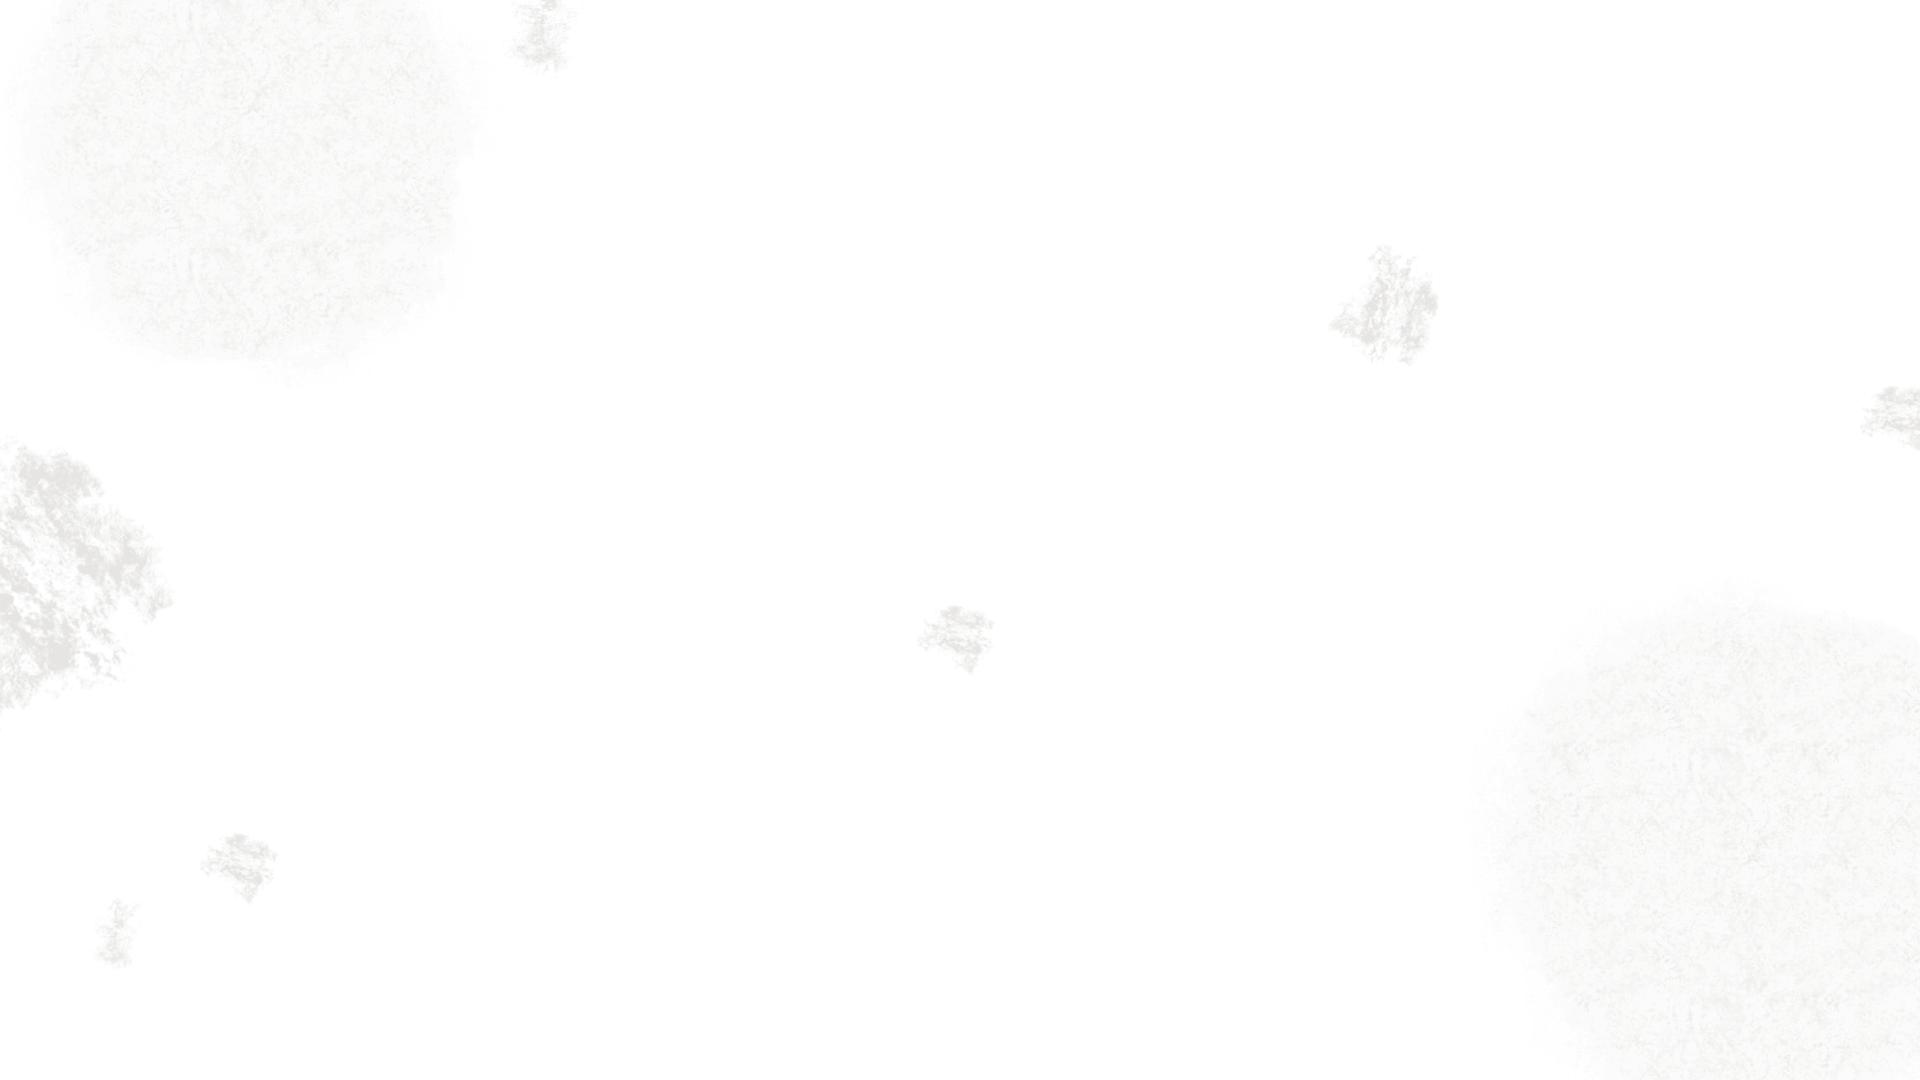 Hintergrund grau 2